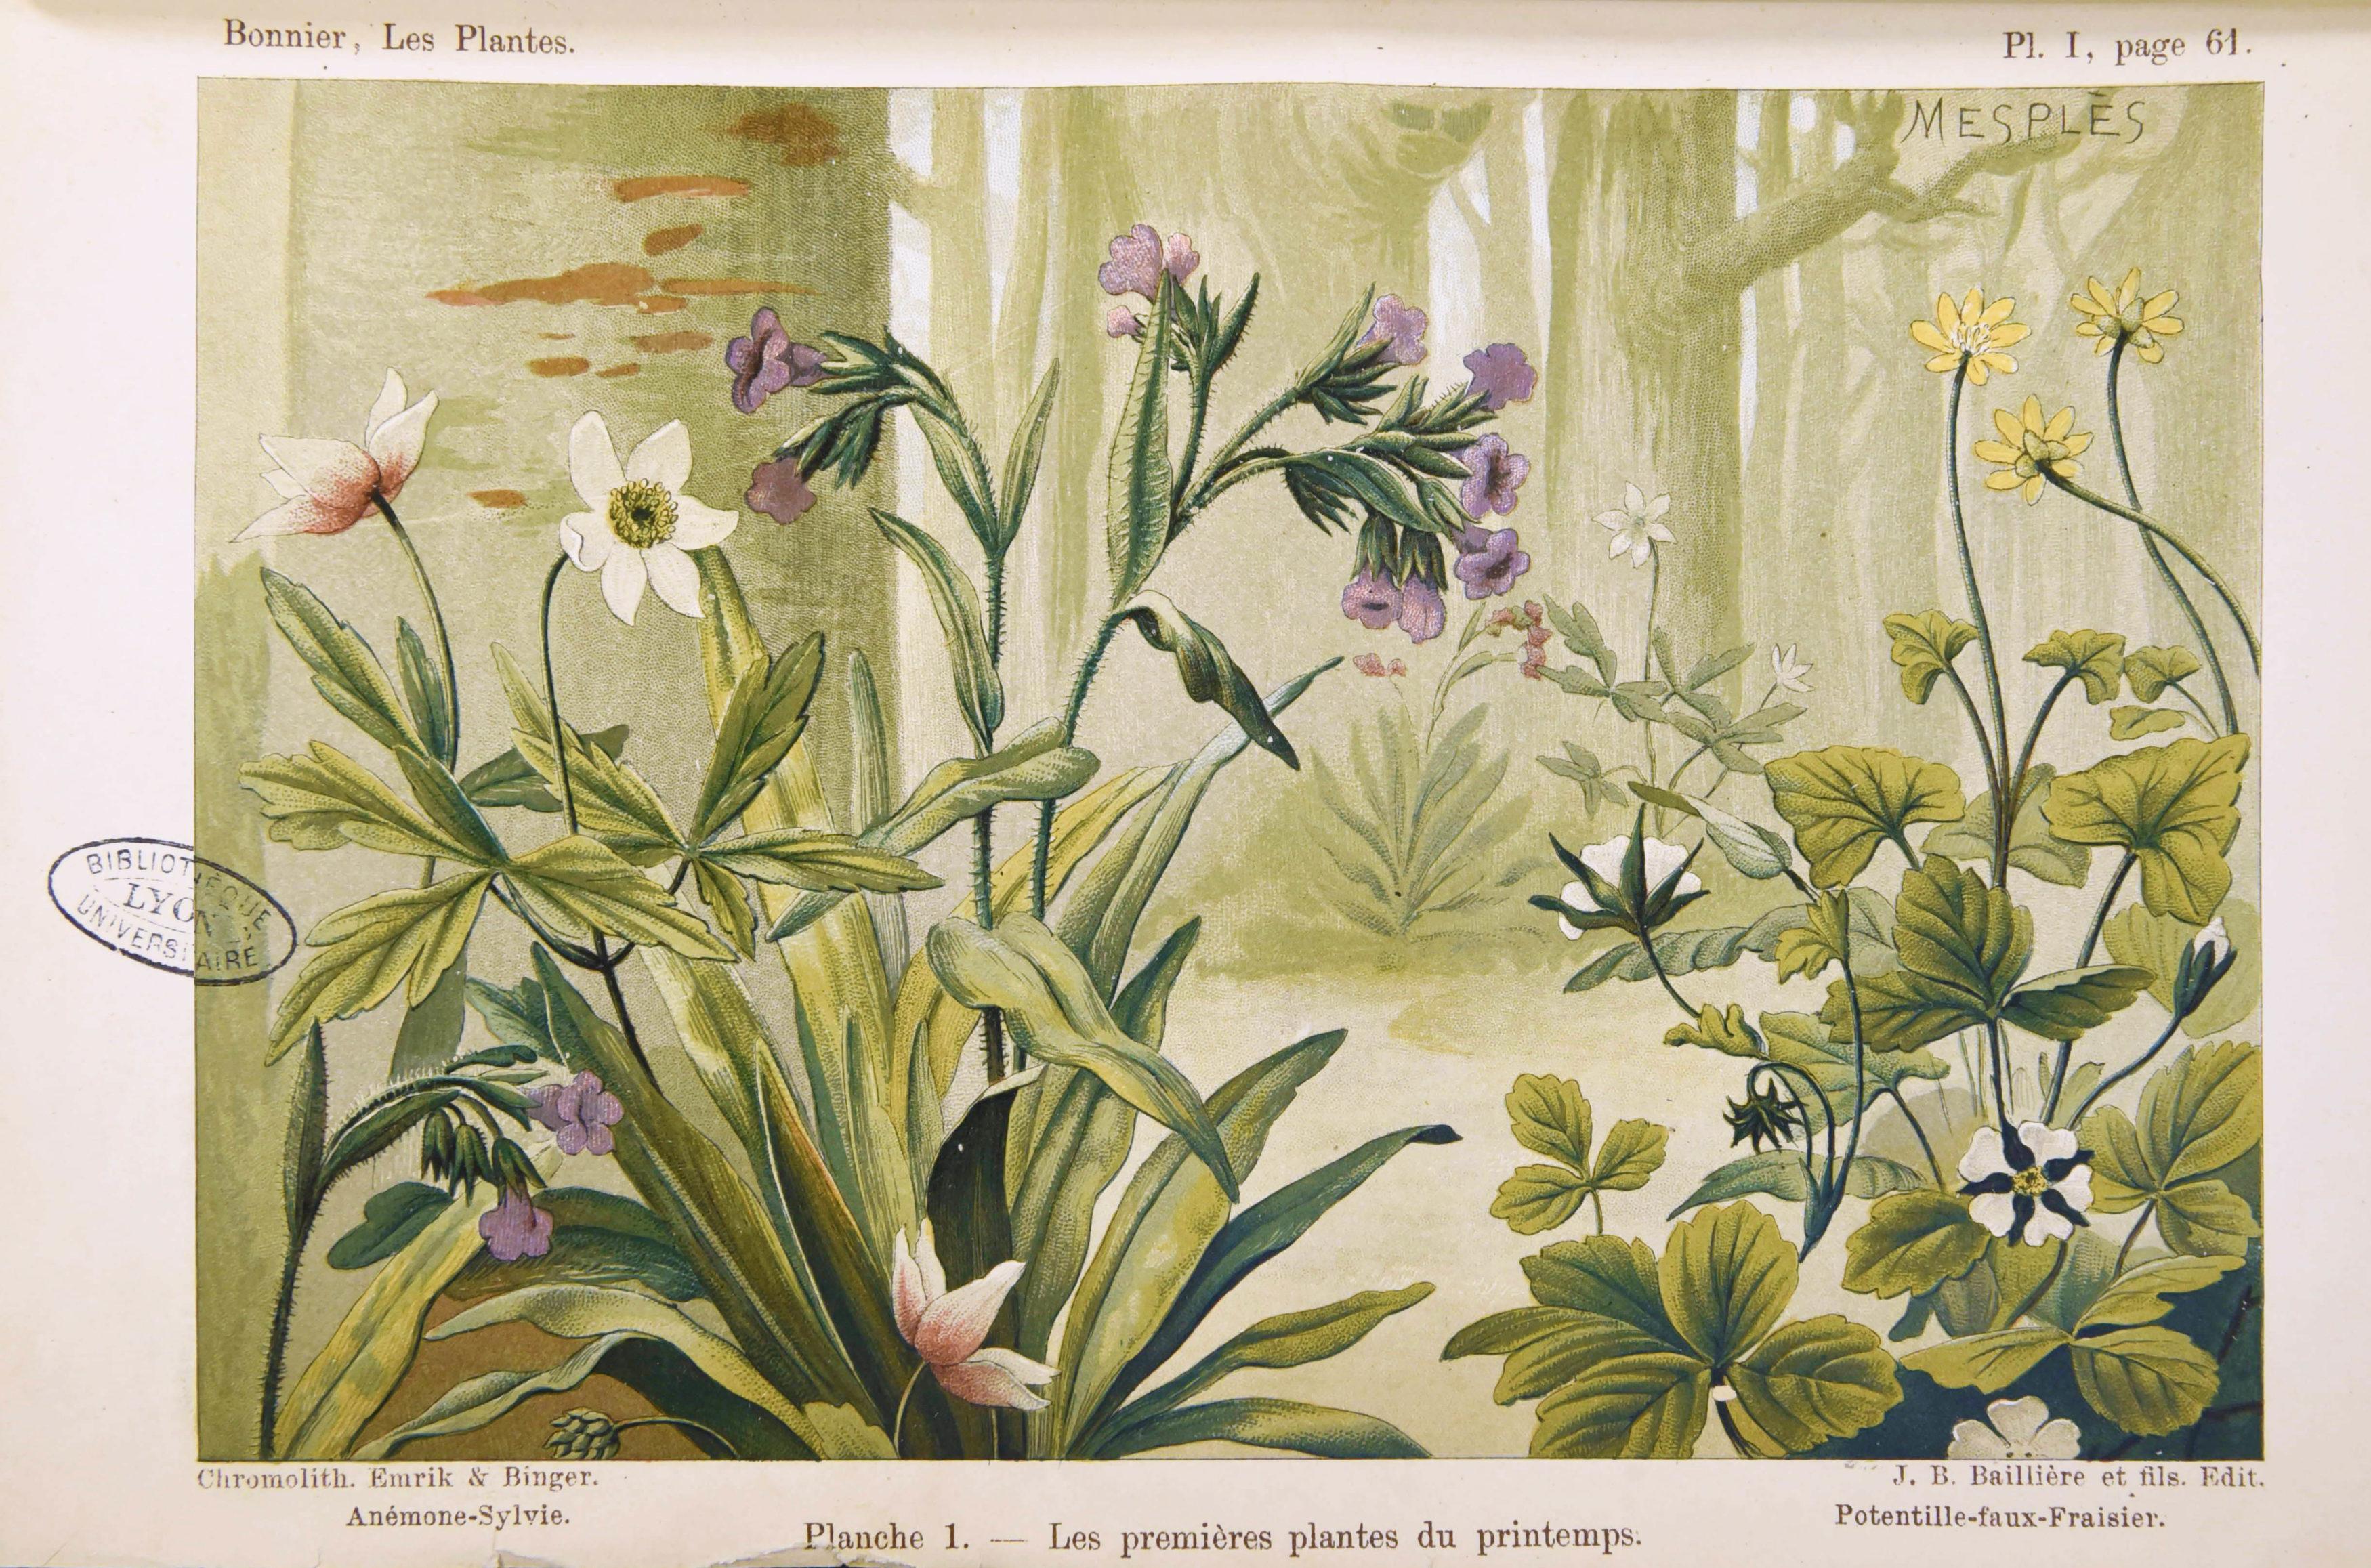 Bonnier - Les plantes 1